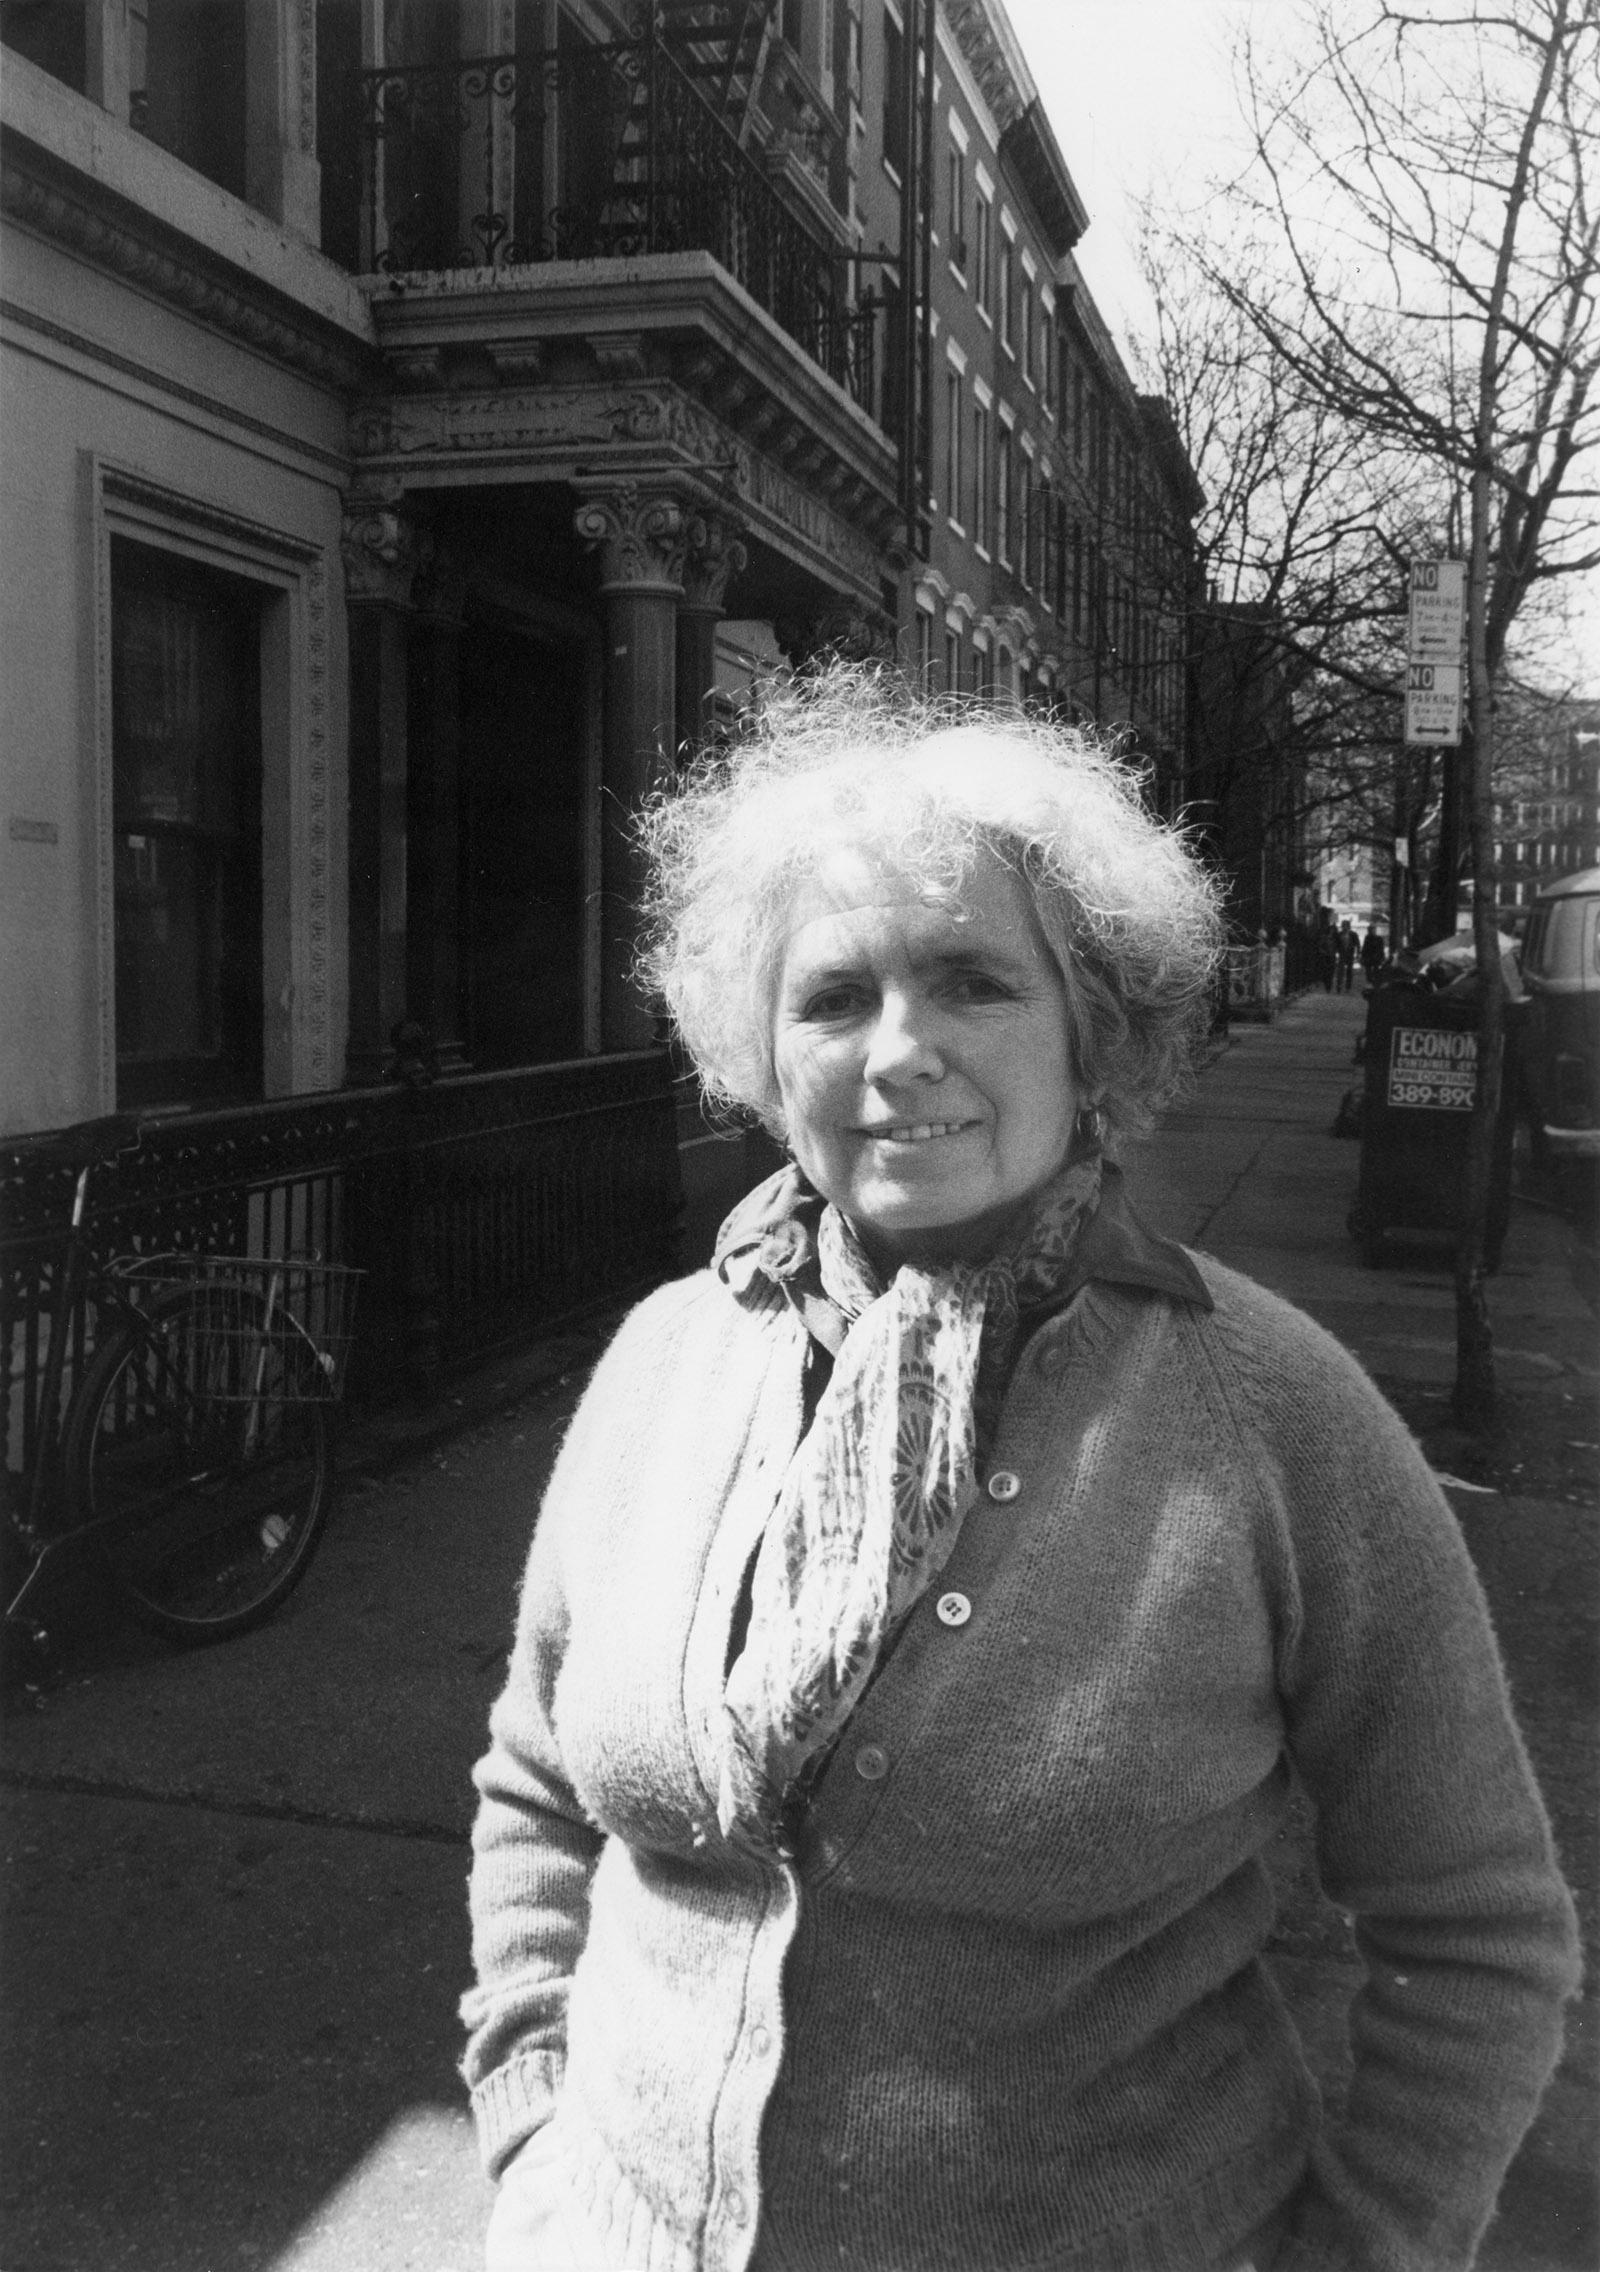 Grace Paley, New York City, April 1985